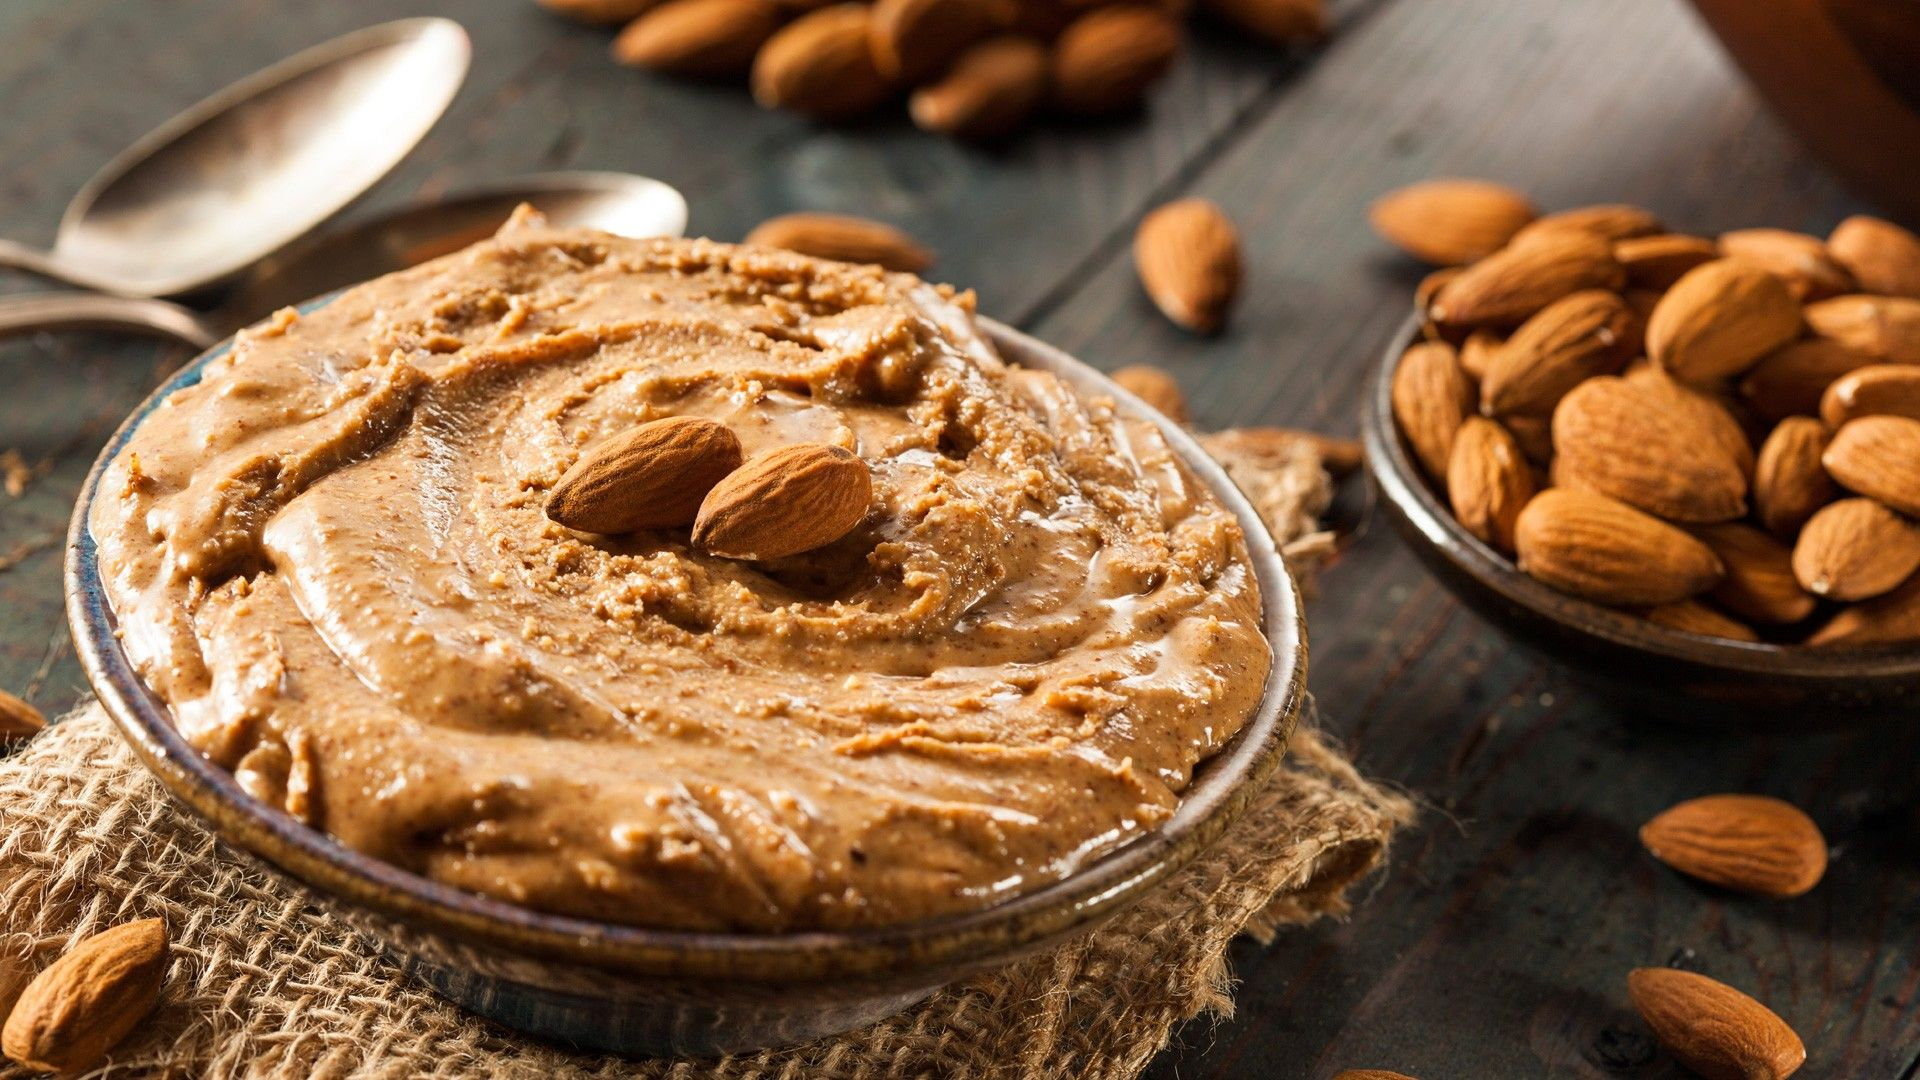 9 Cemilan Sehat Untuk Diet Di Kantor yang Nggak Bikin Gemuk